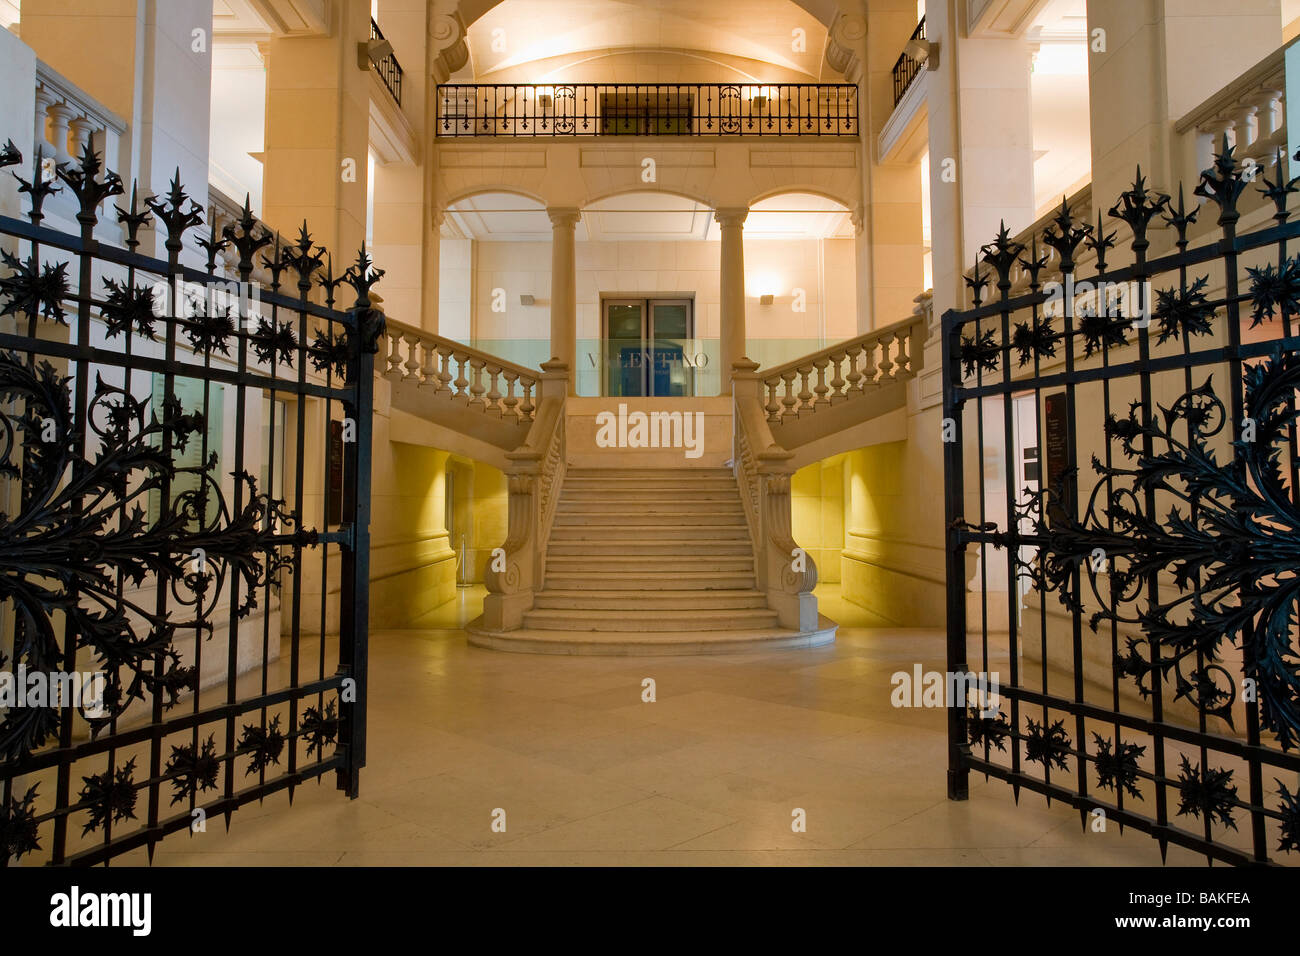 Musee des arts decoratifs paris stock photos musee des arts decoratifs paris stock images alamy - Museum decorative arts paris ...